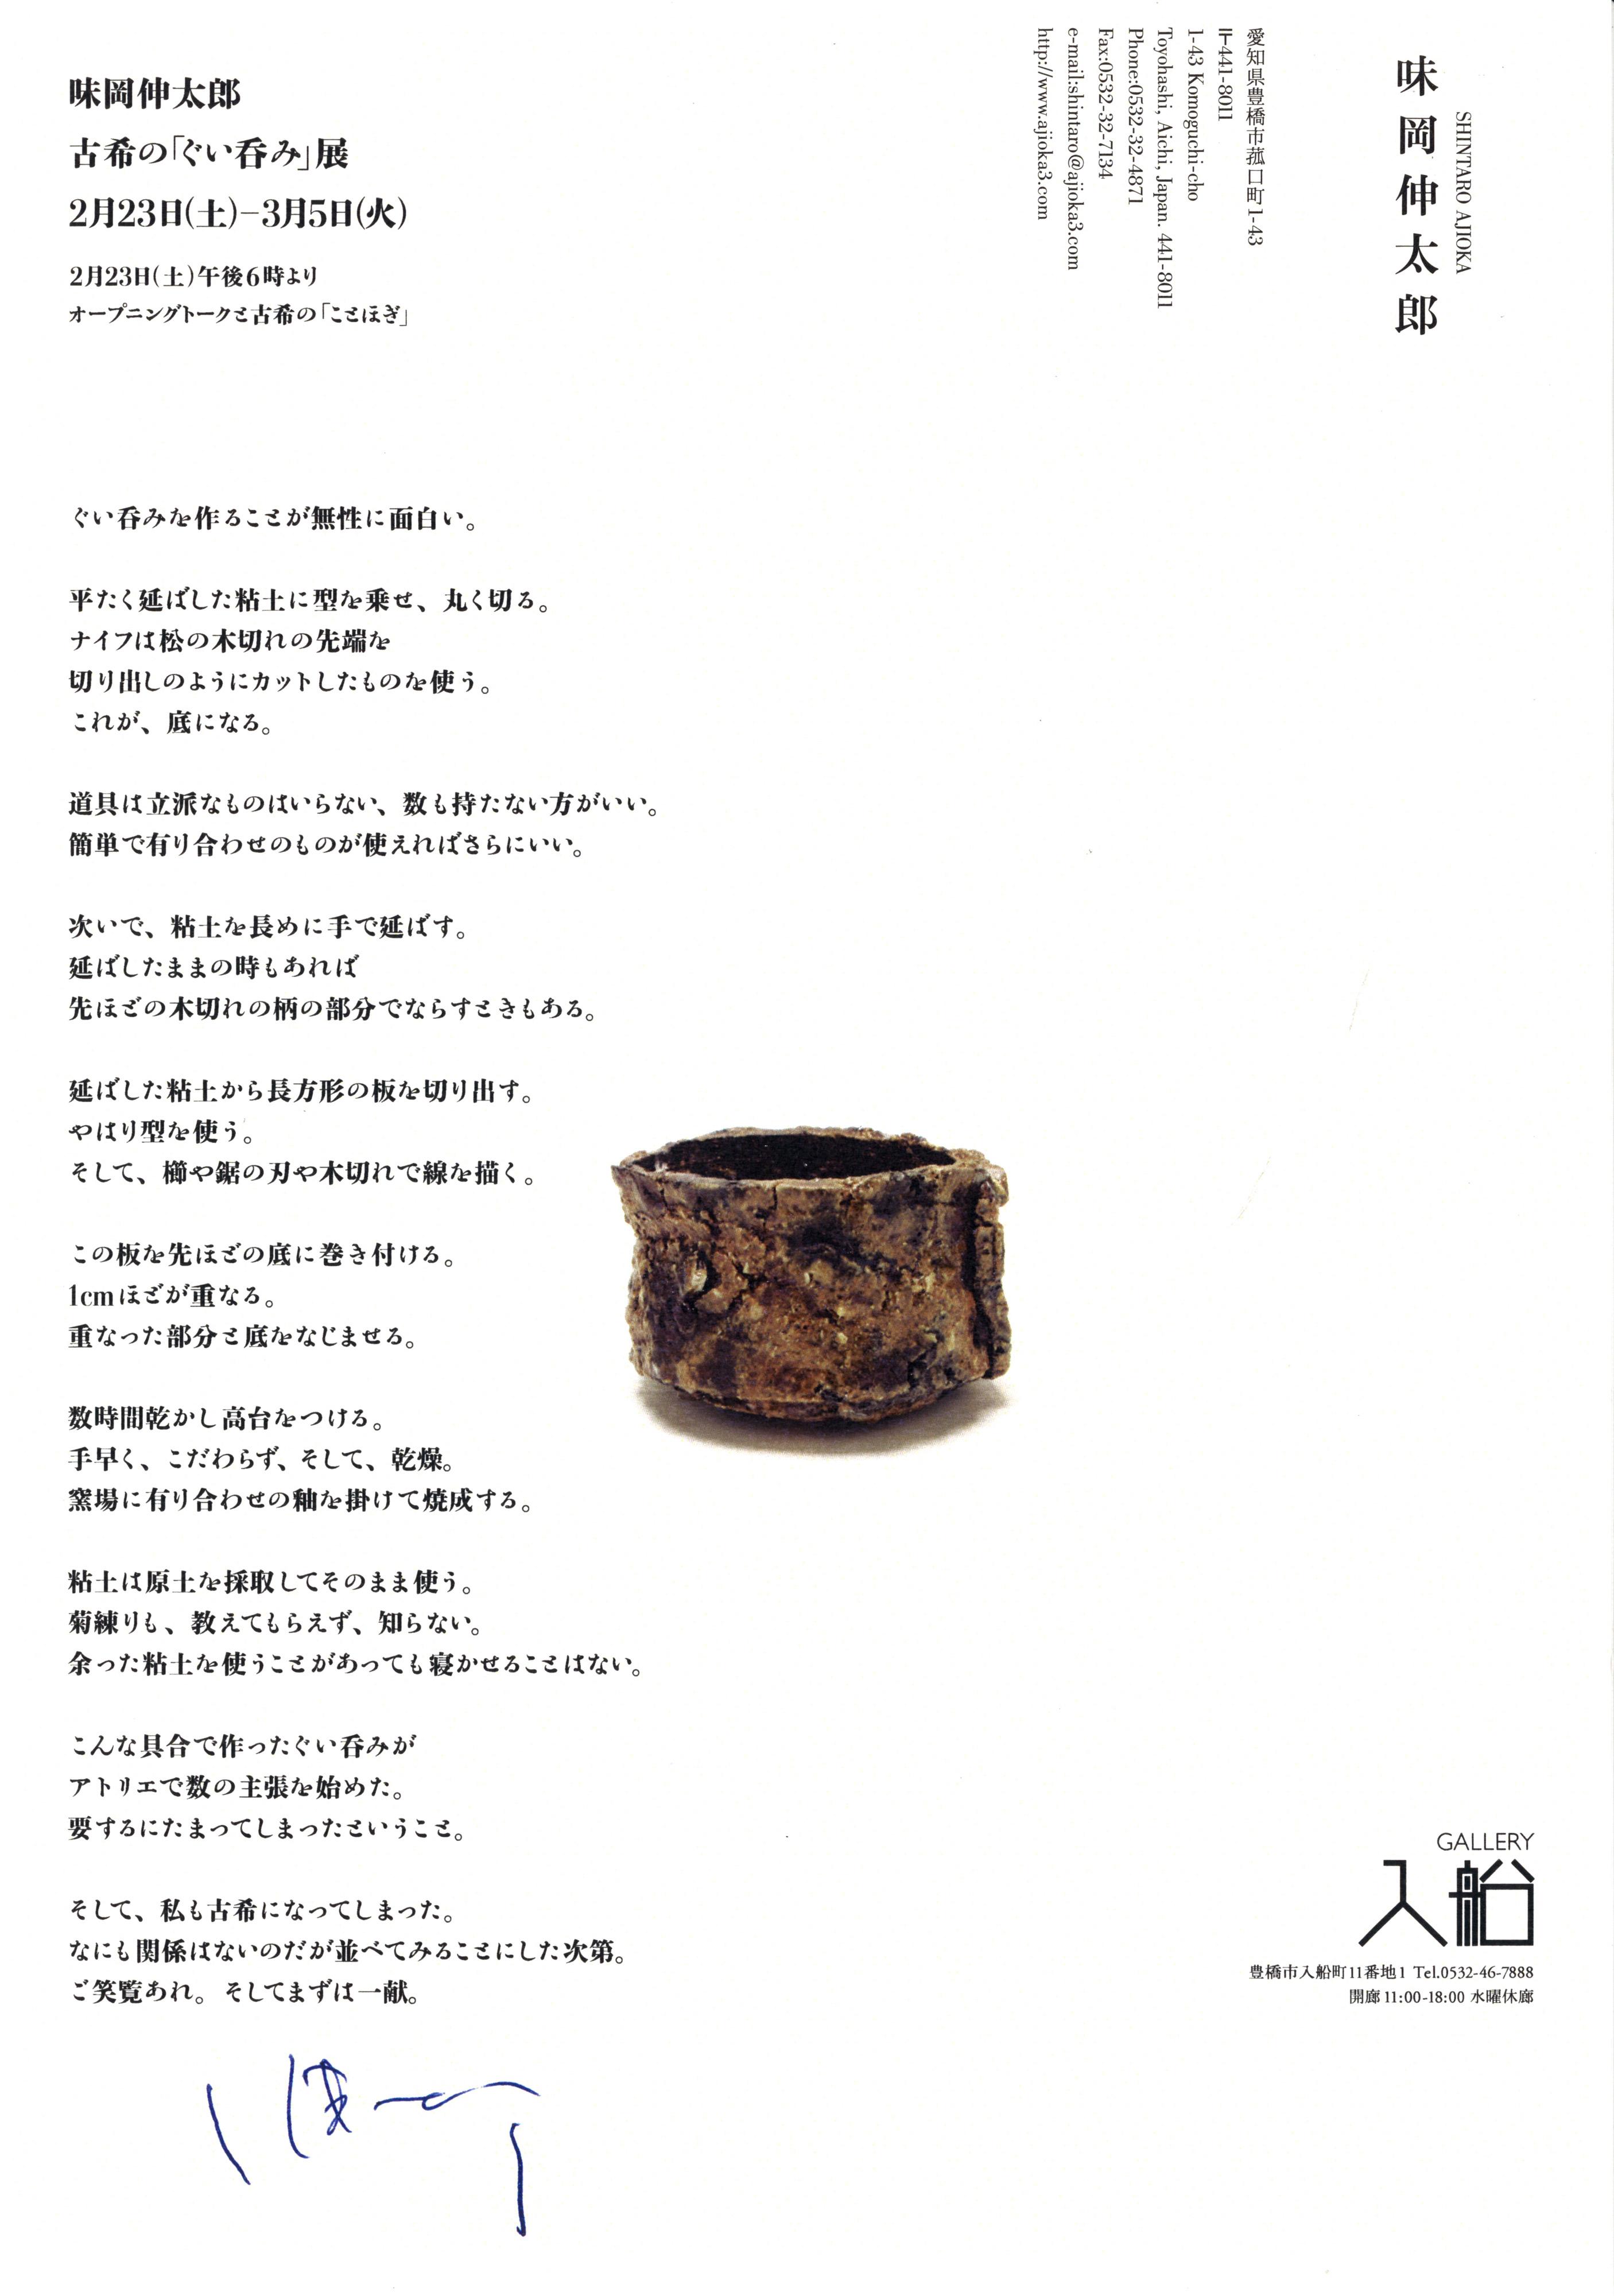 味岡伸太郎古希の「ぐい呑み」展2月23日(土曜日)〜3月5日(火曜日)